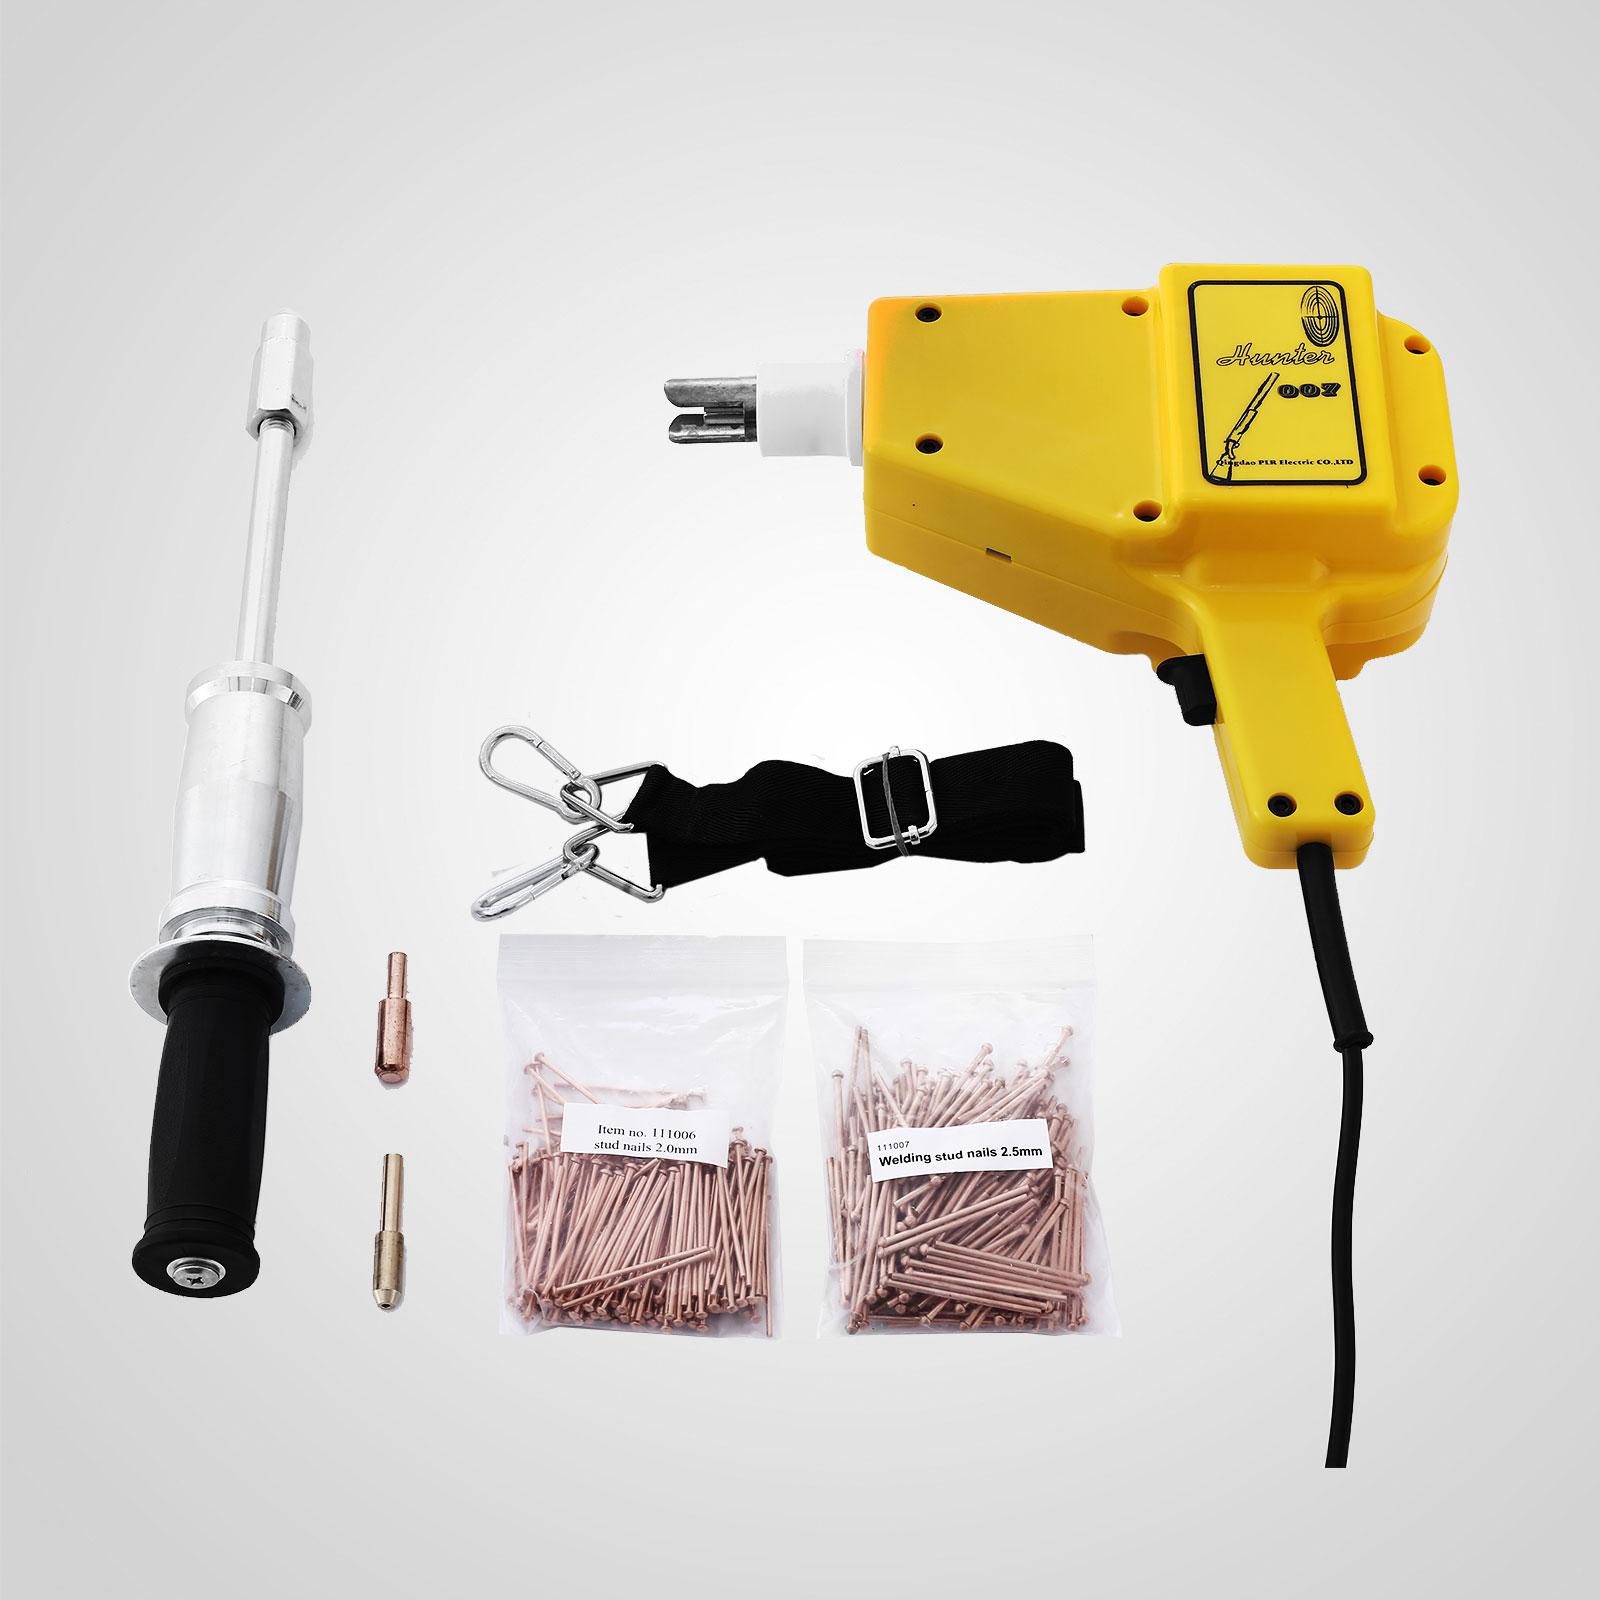 stud welder dent puller kit for car repair nails slide